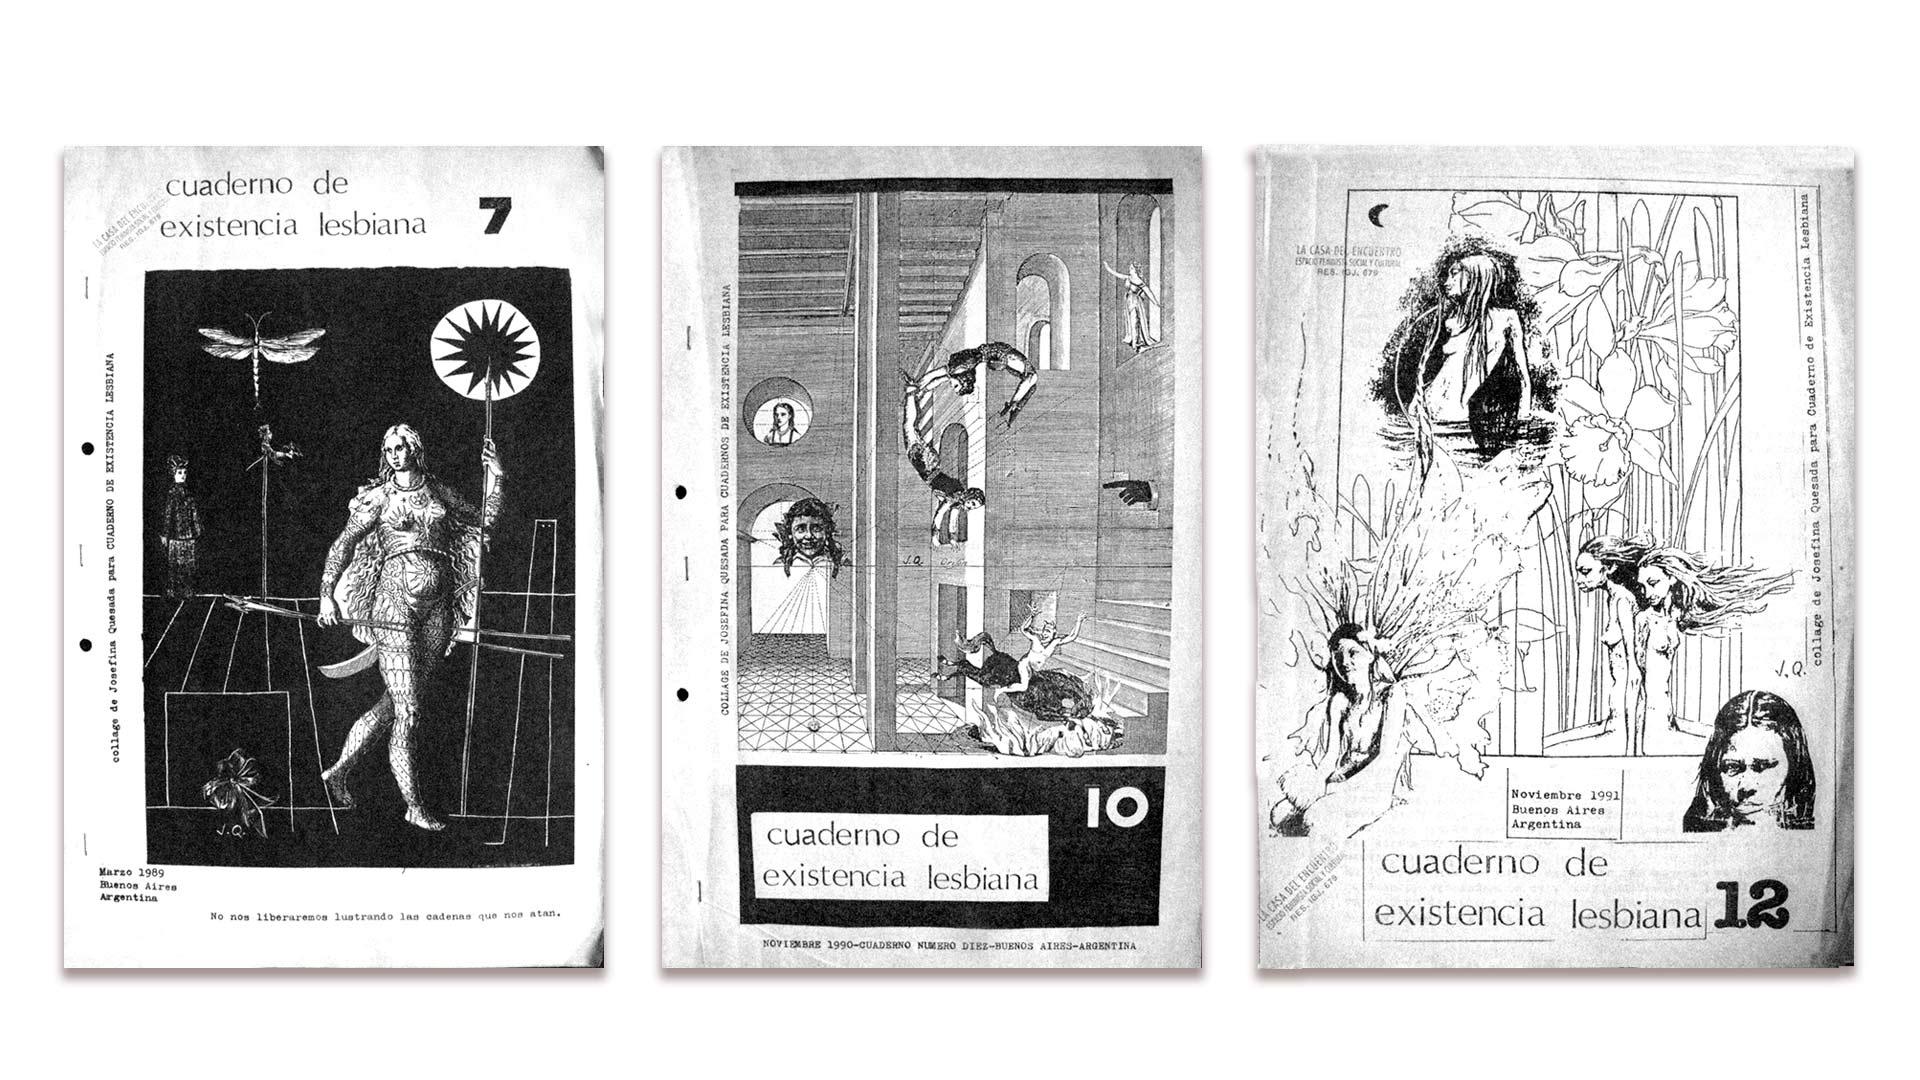 Cuadernos-de-existencia-lesbiana_02 (1)